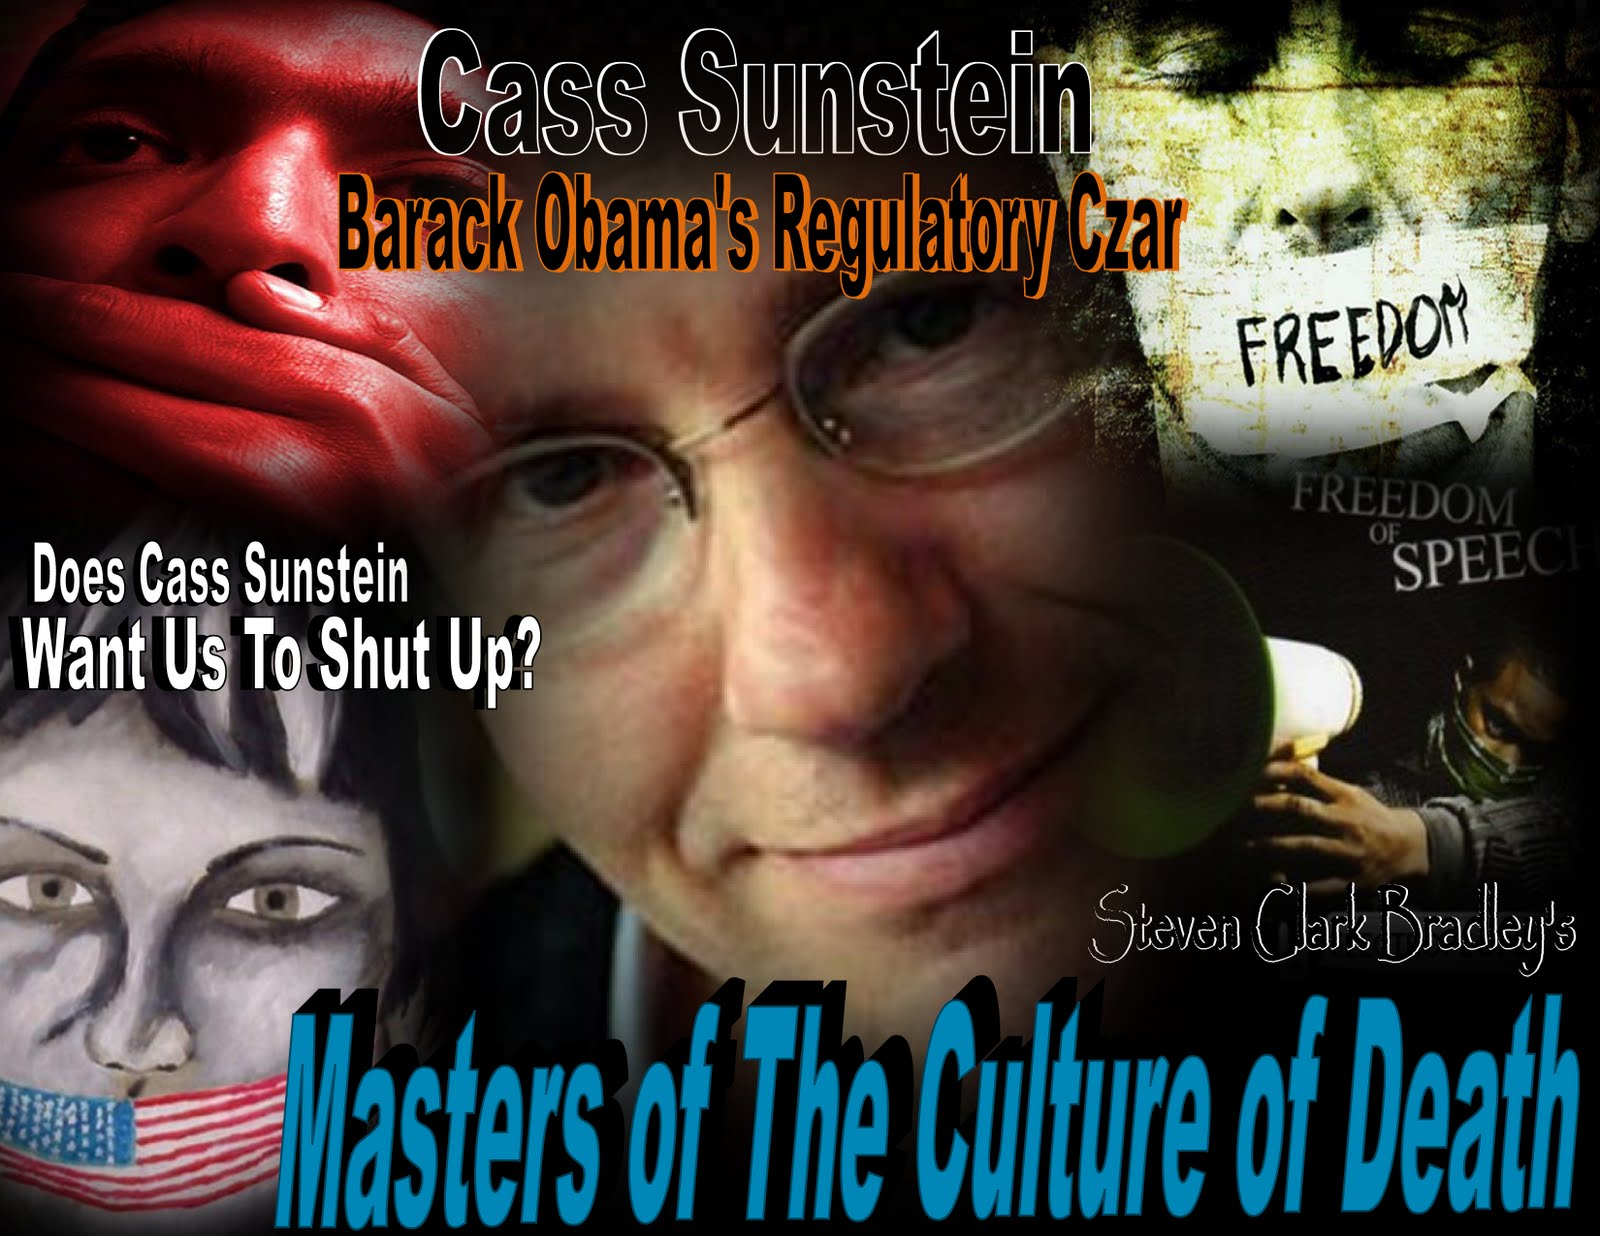 Cass_Sunstein_Wants_You_To_Shut_Up.jpg